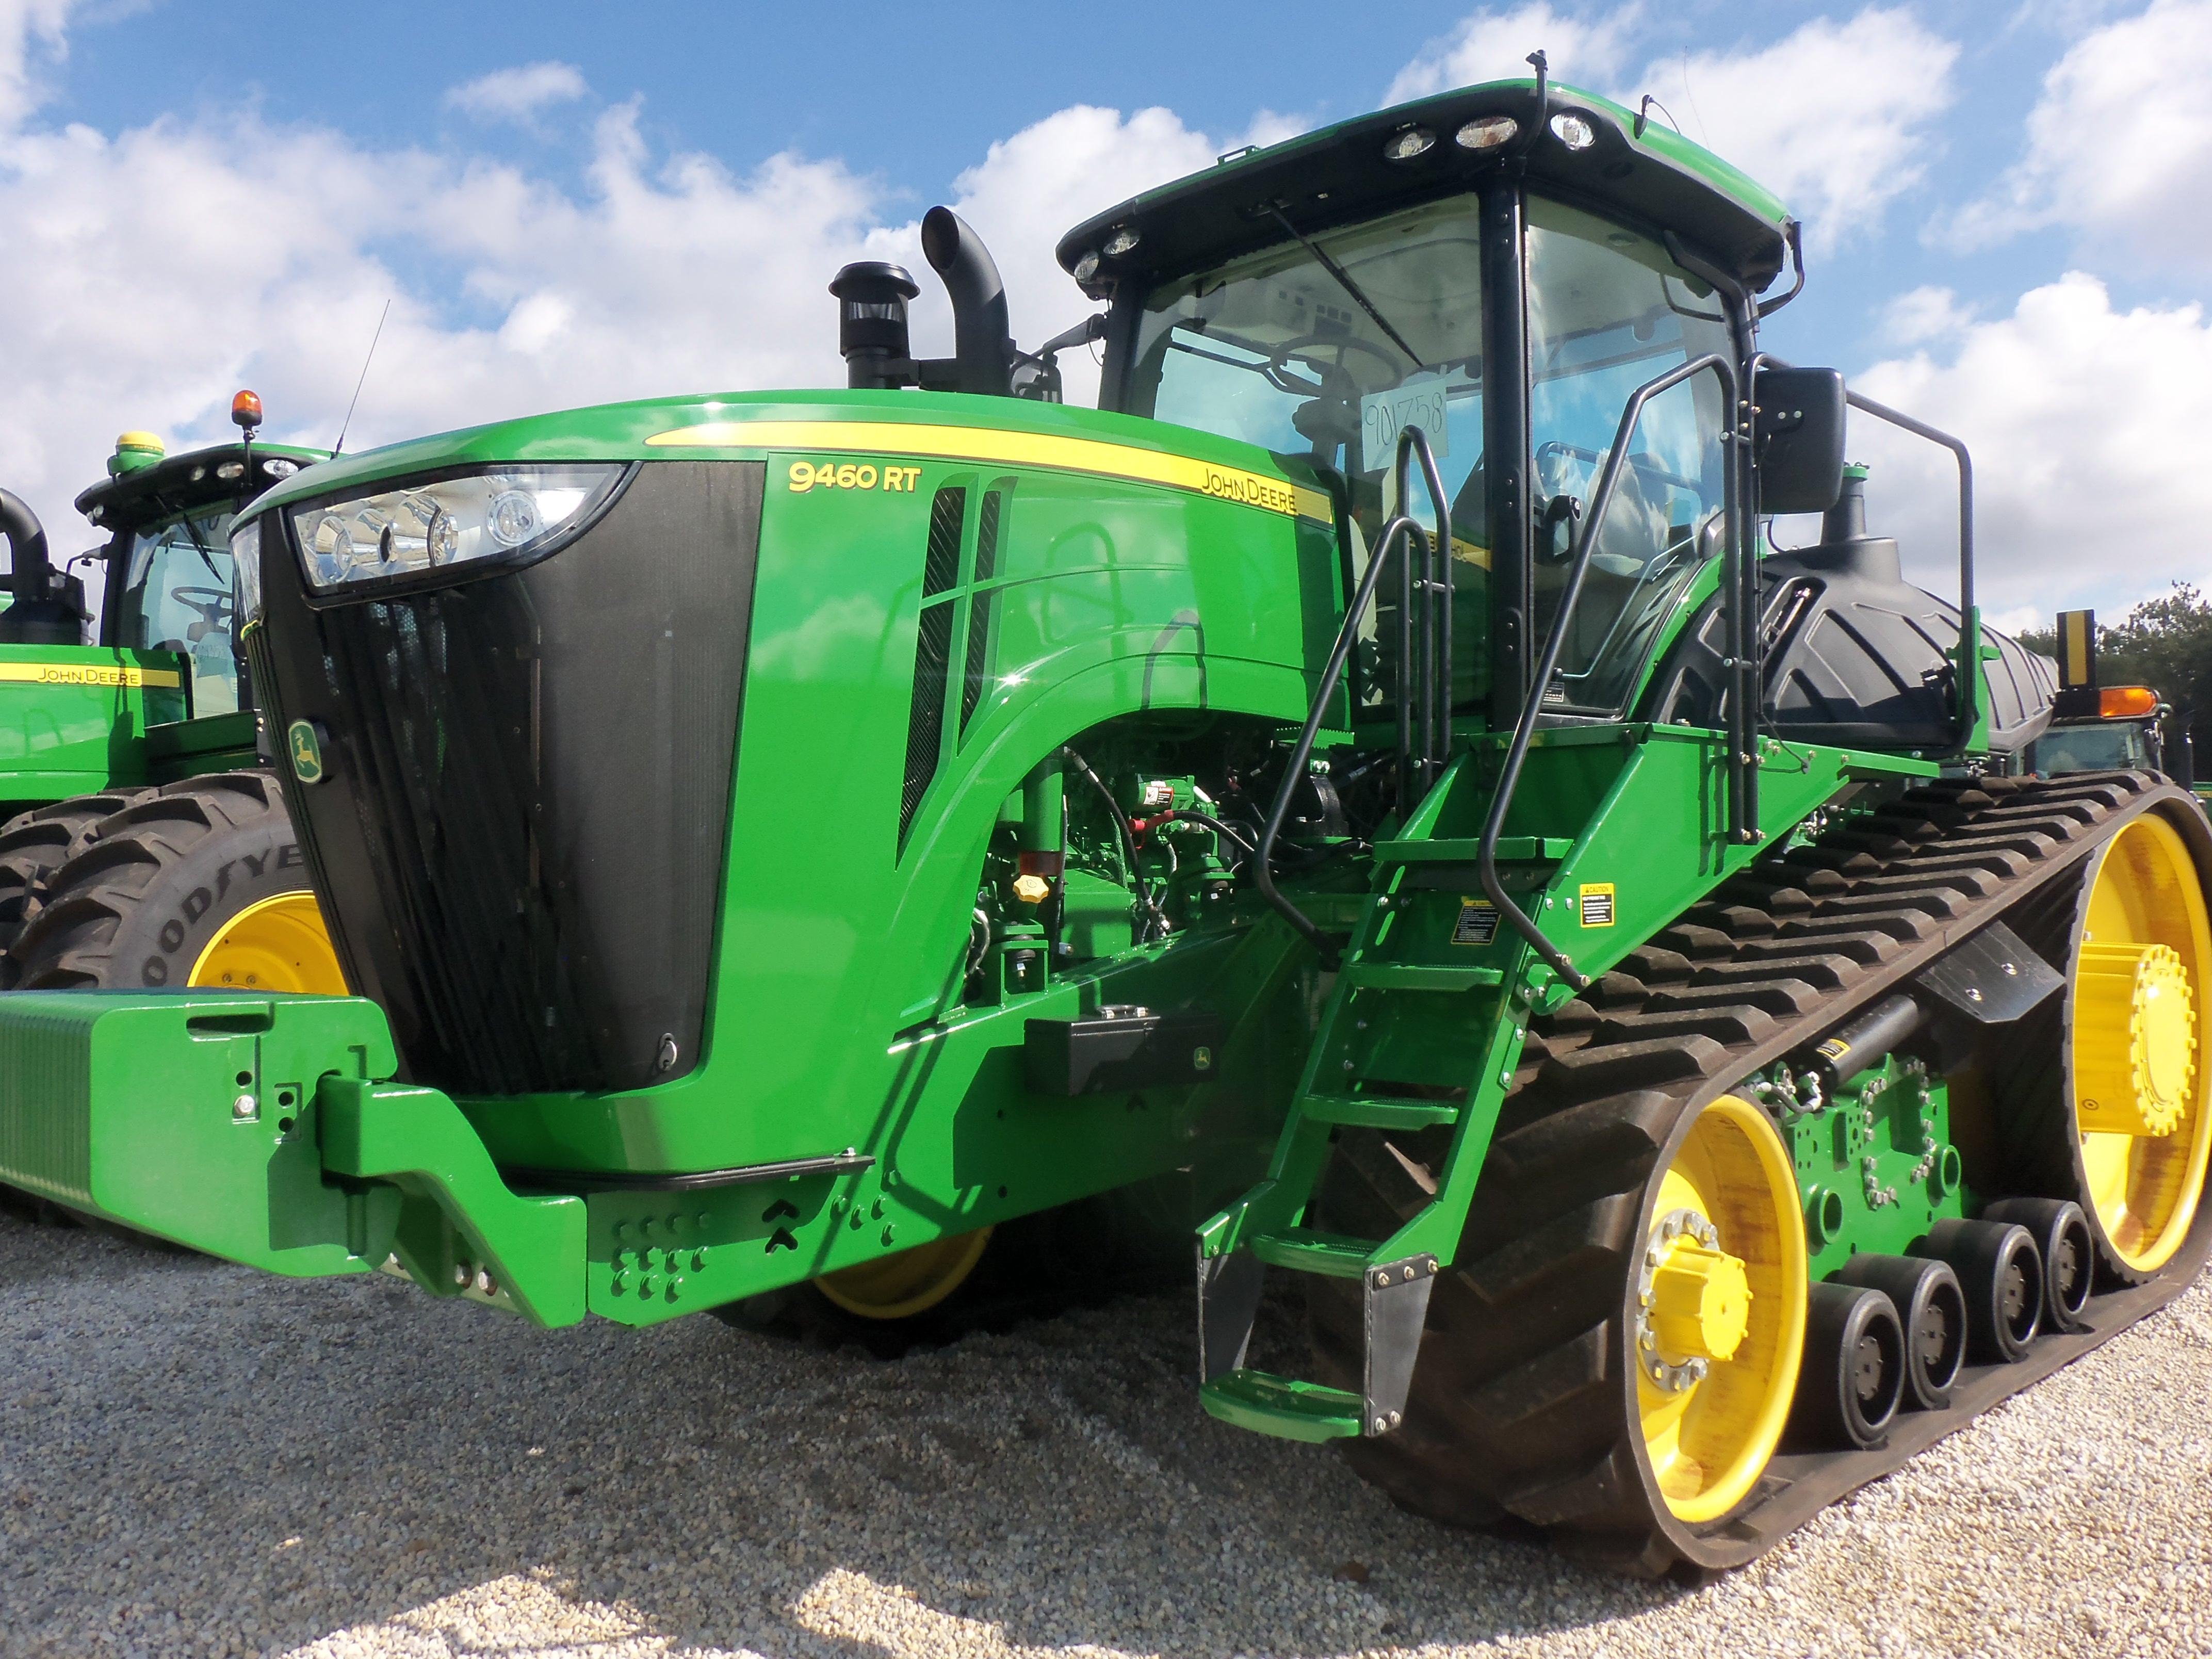 John Deere 9460RT | John Deere equipment | Pinterest